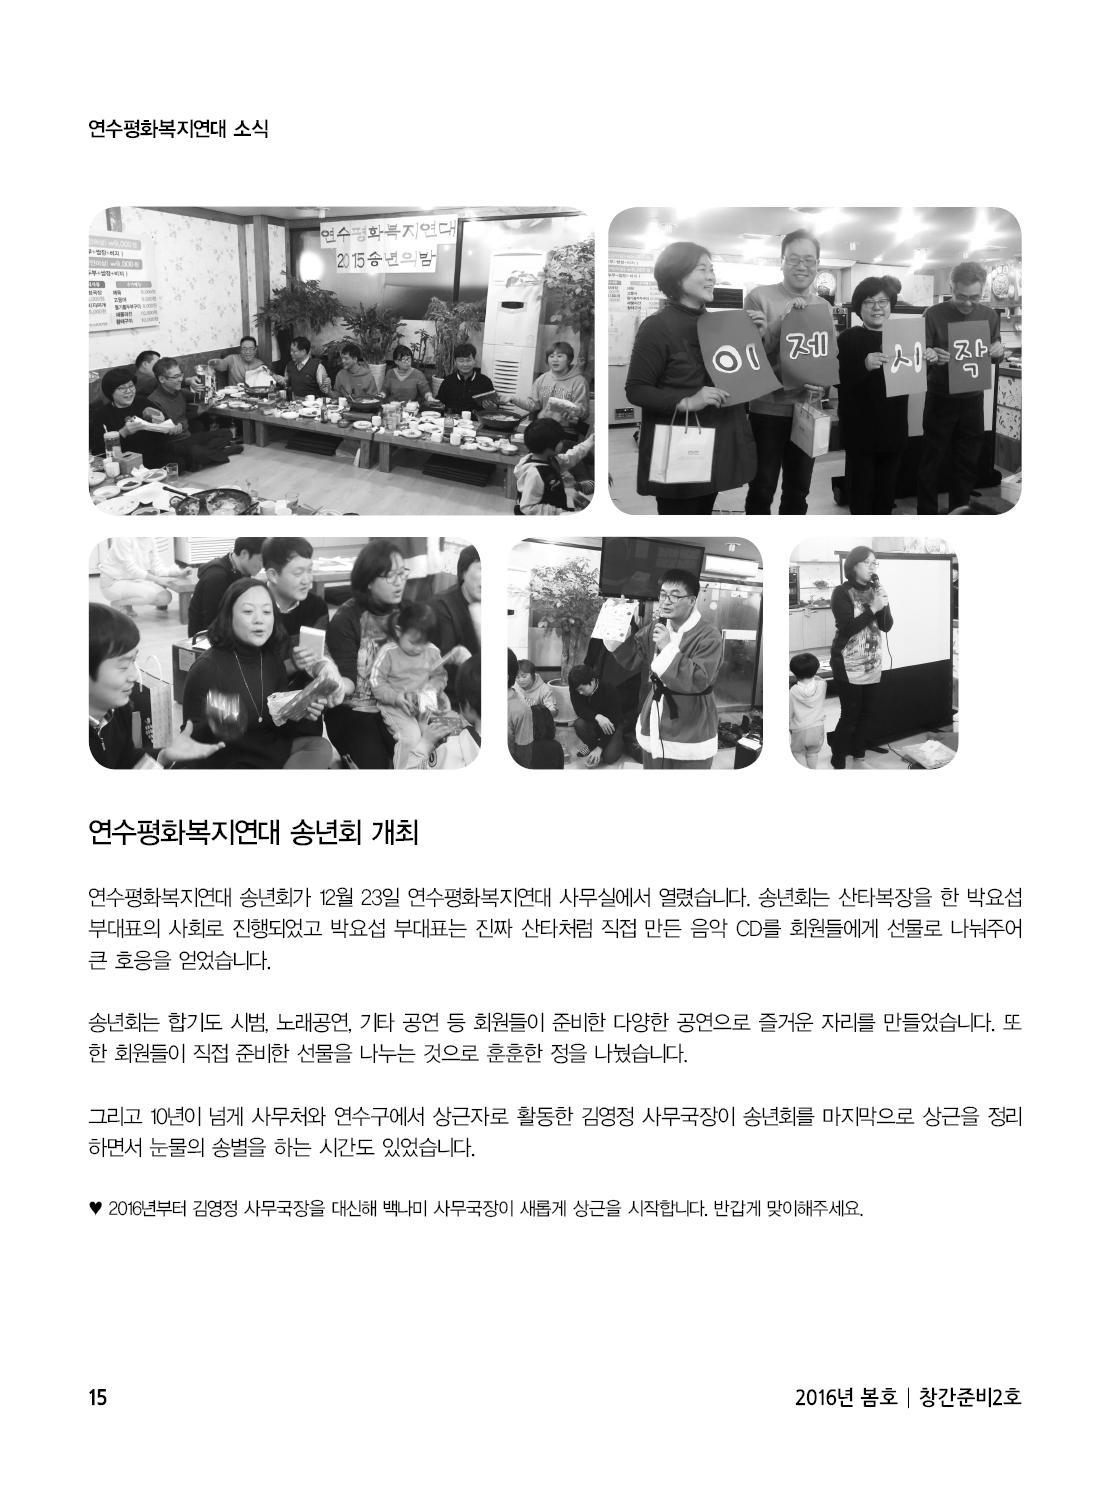 아웃라인 인천평화복지연대 창간준비2호15.jpg